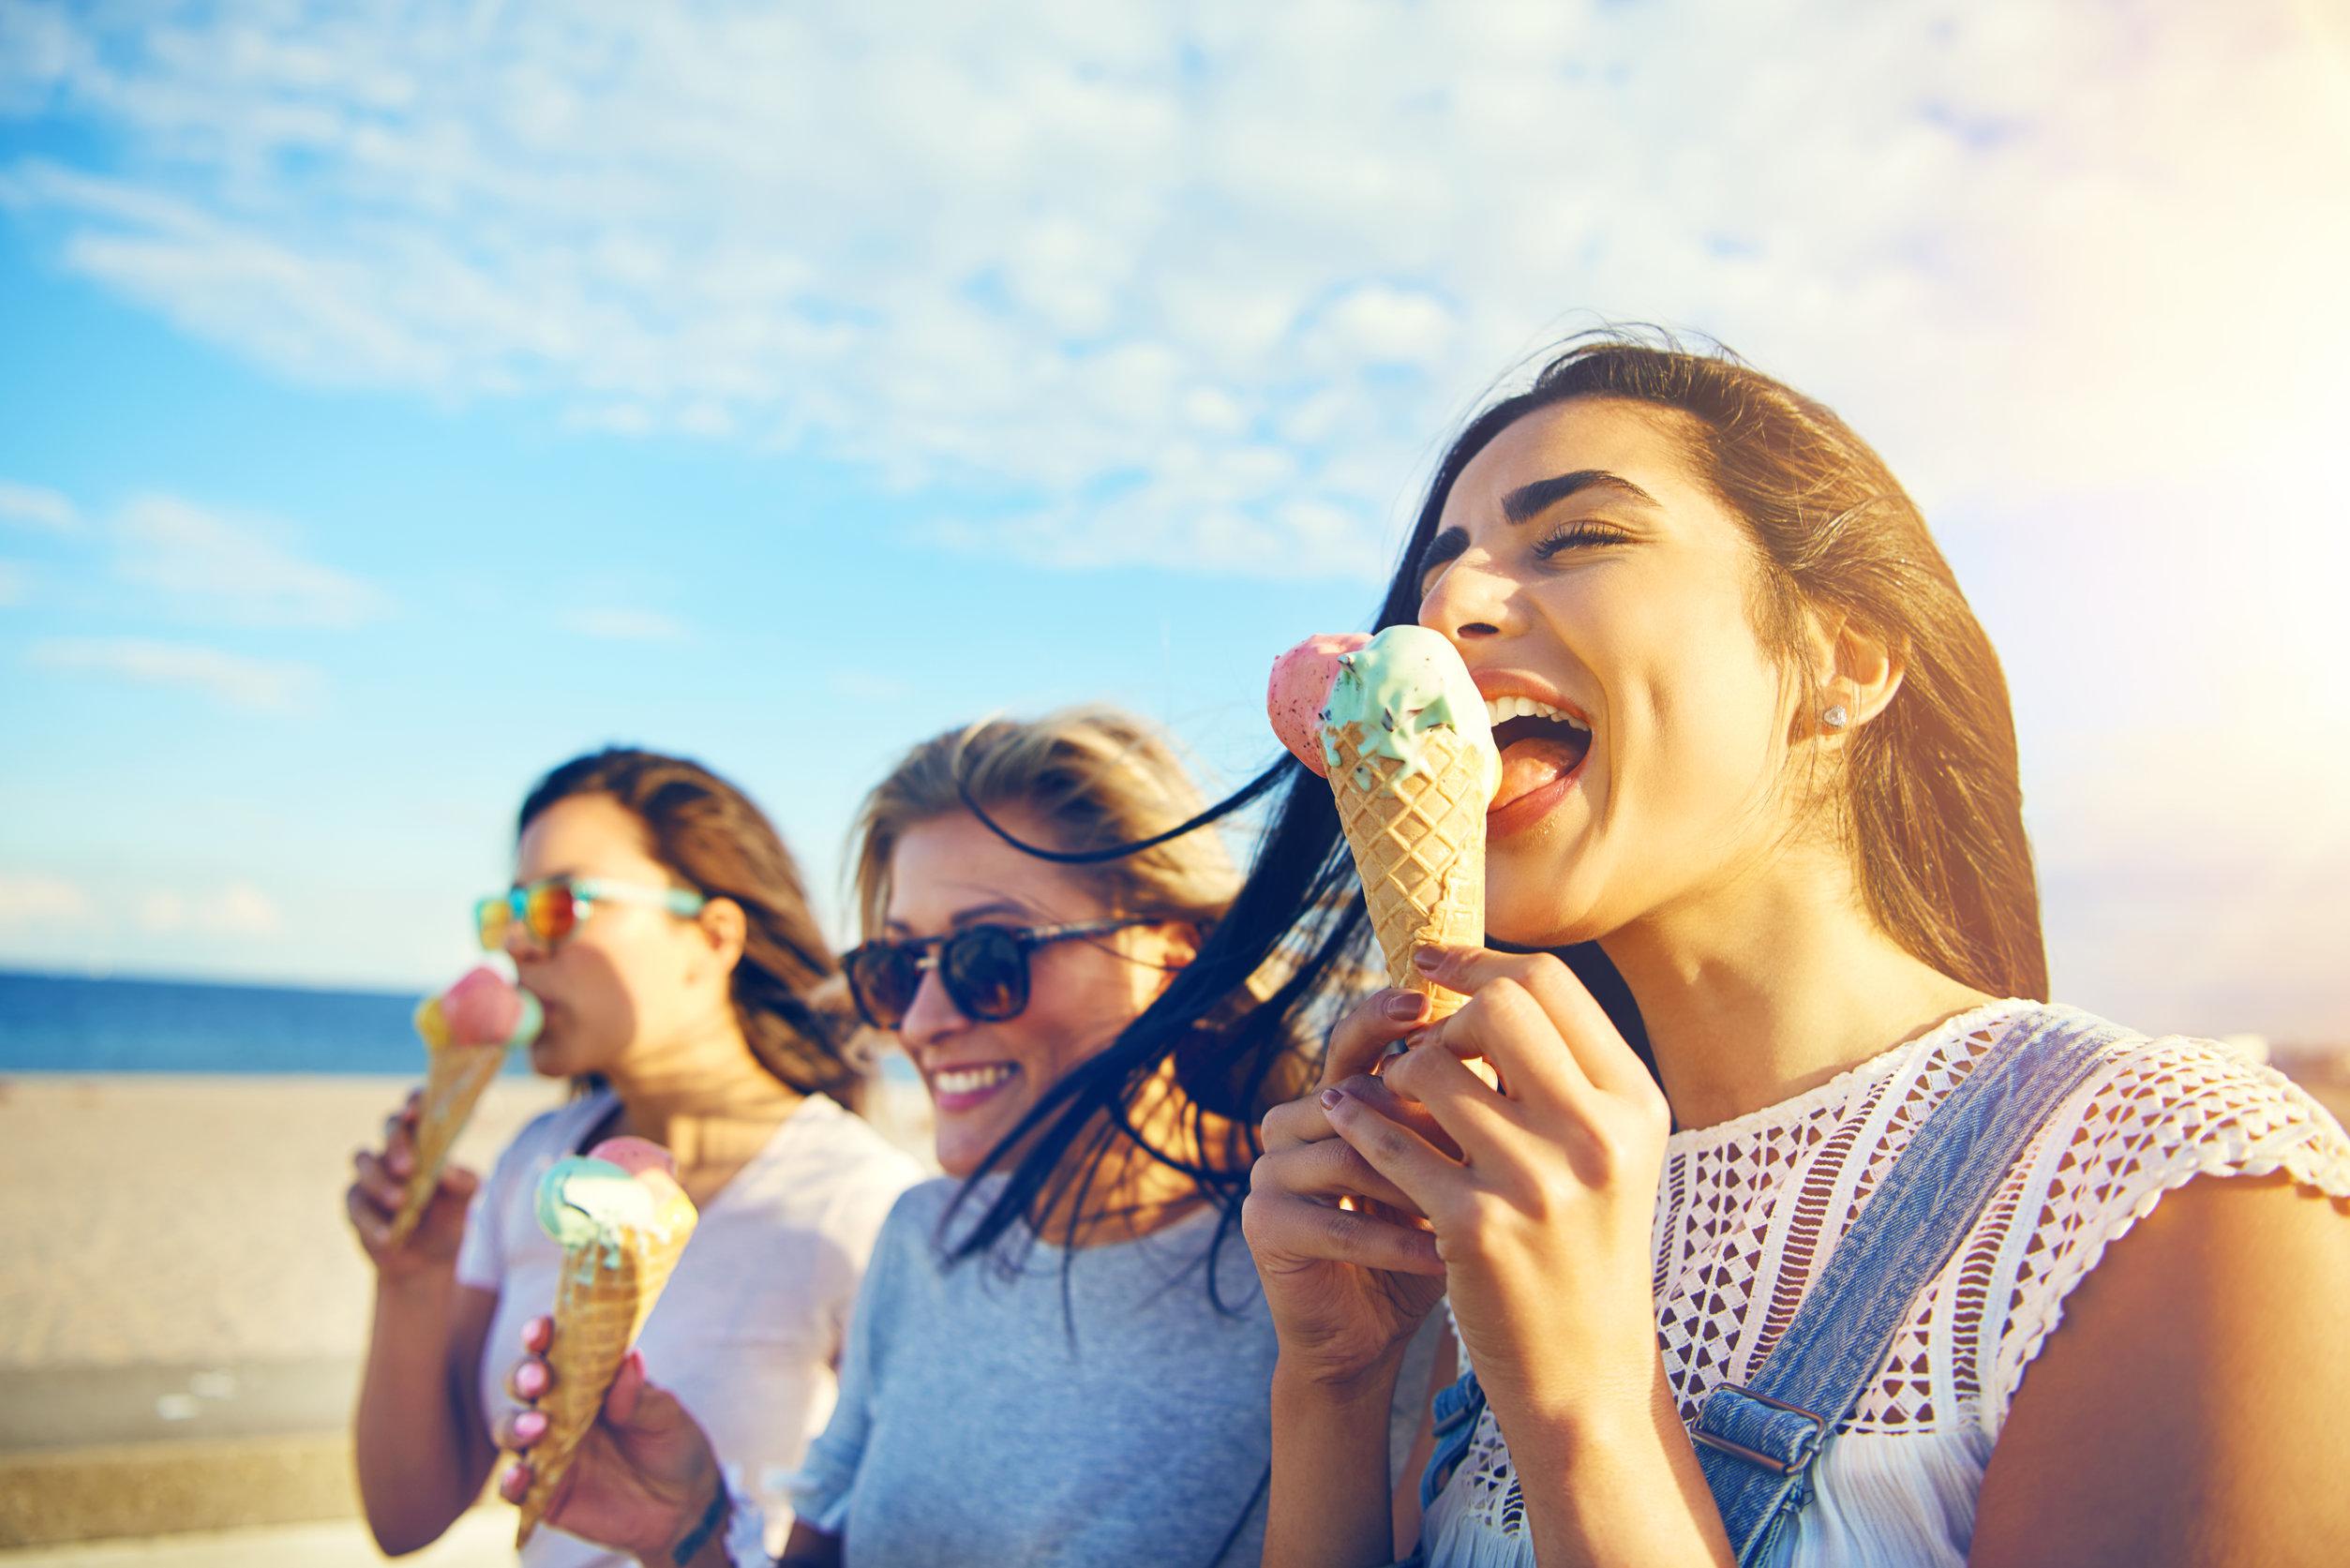 Mujeres comiendo helado